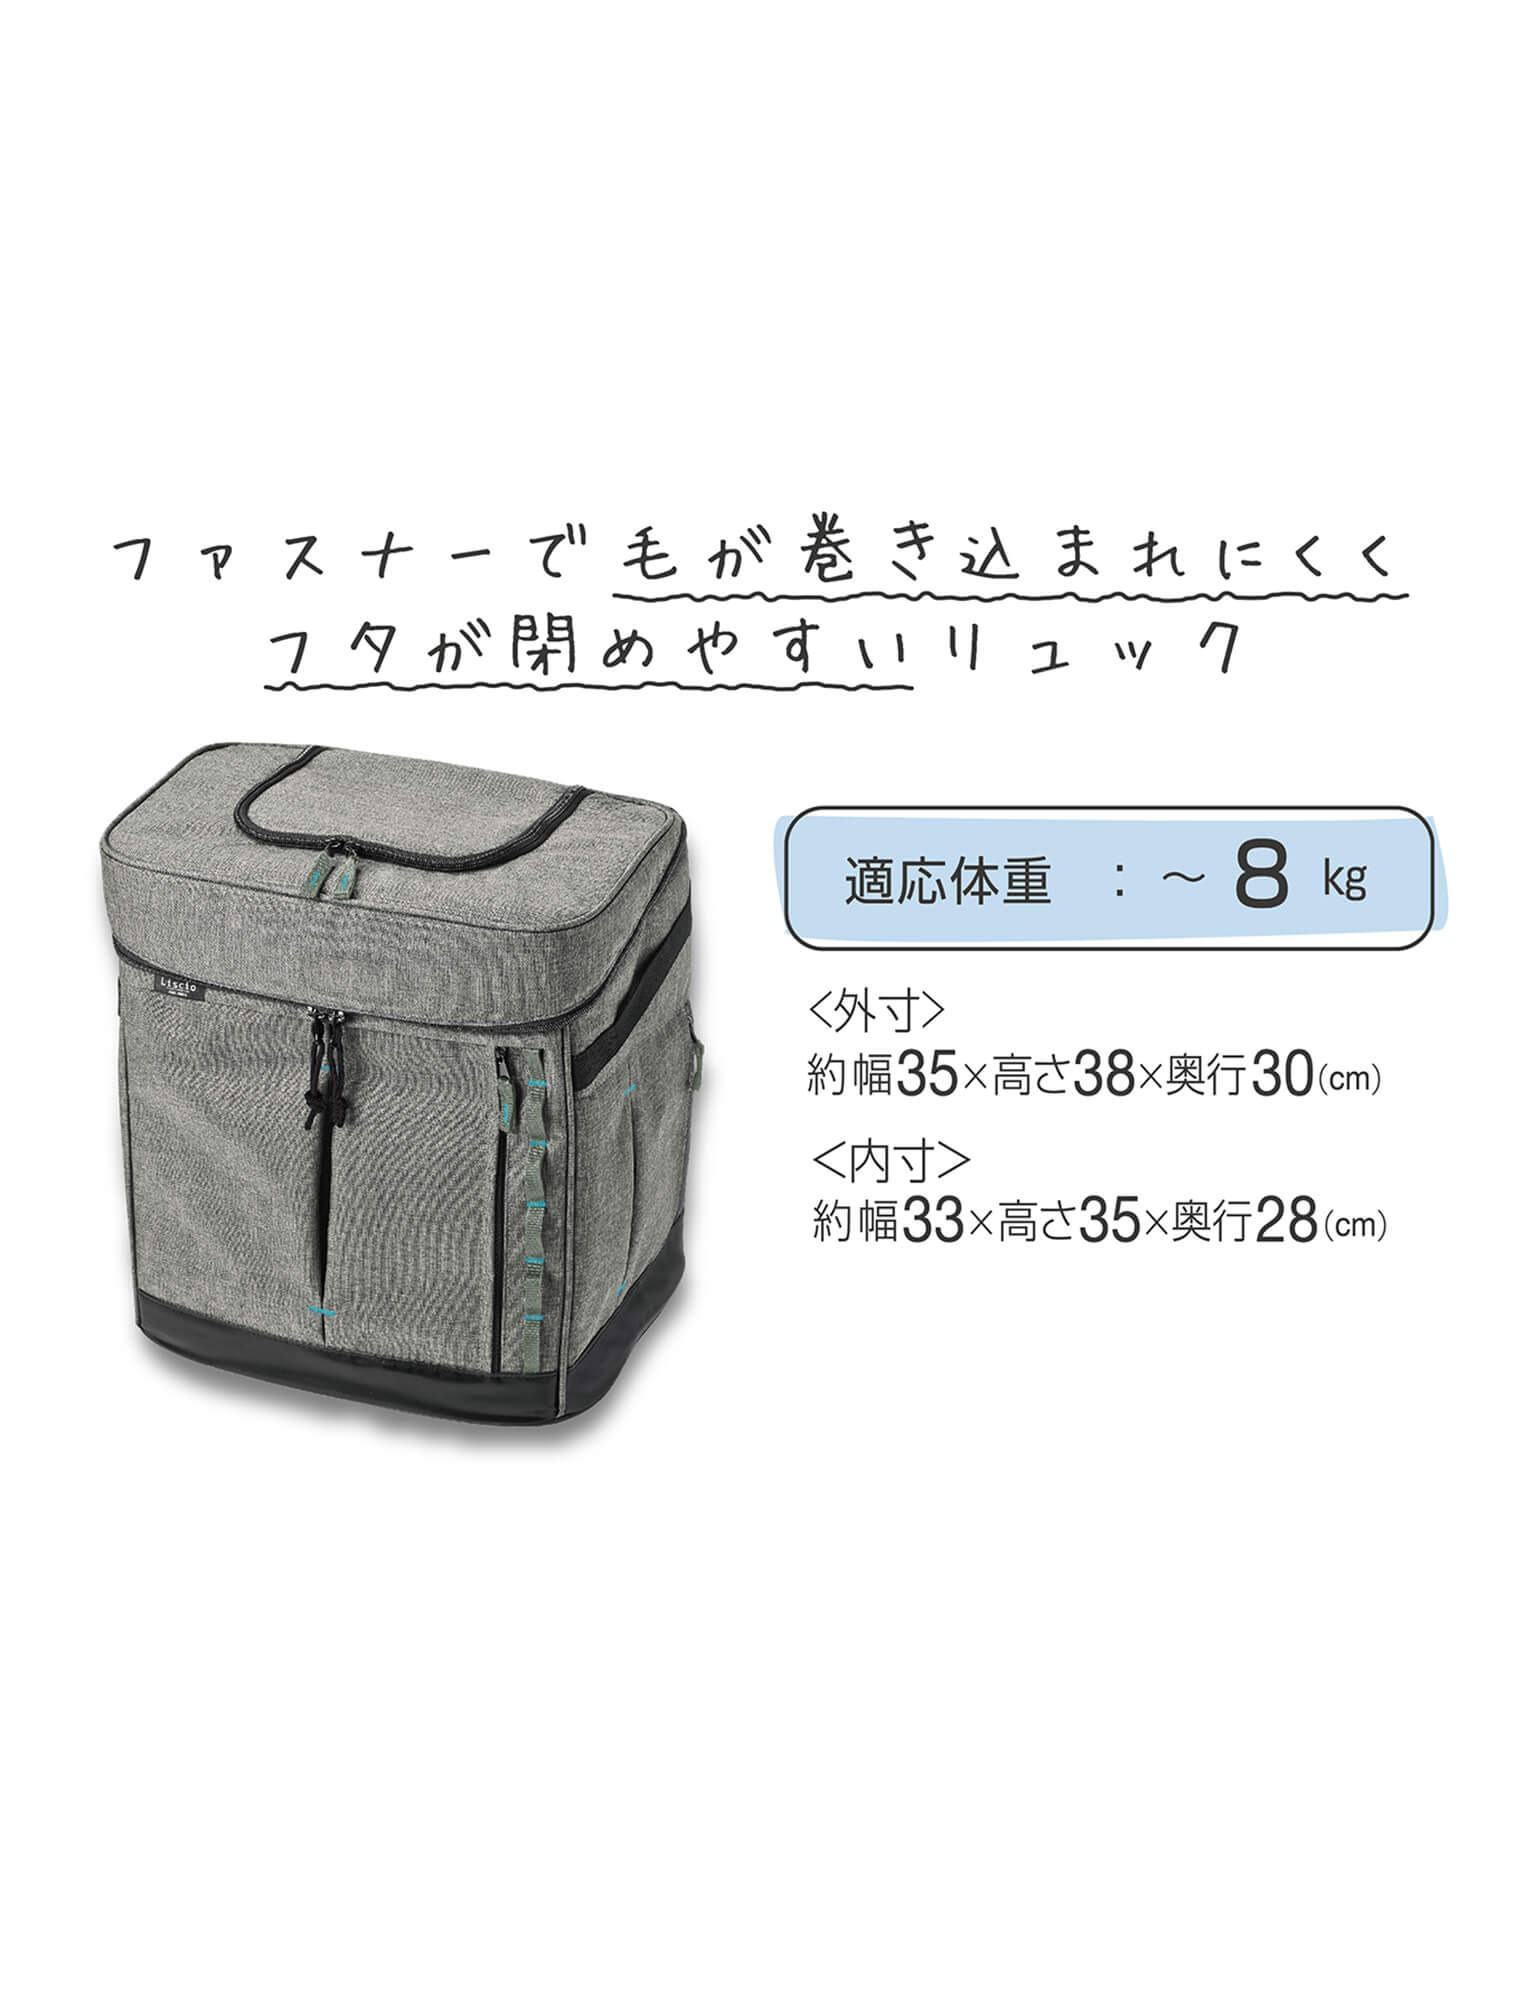 特許出願中の特殊構造で、フタが内側に落ちず固定され、開閉がしやすくなっているバッグ